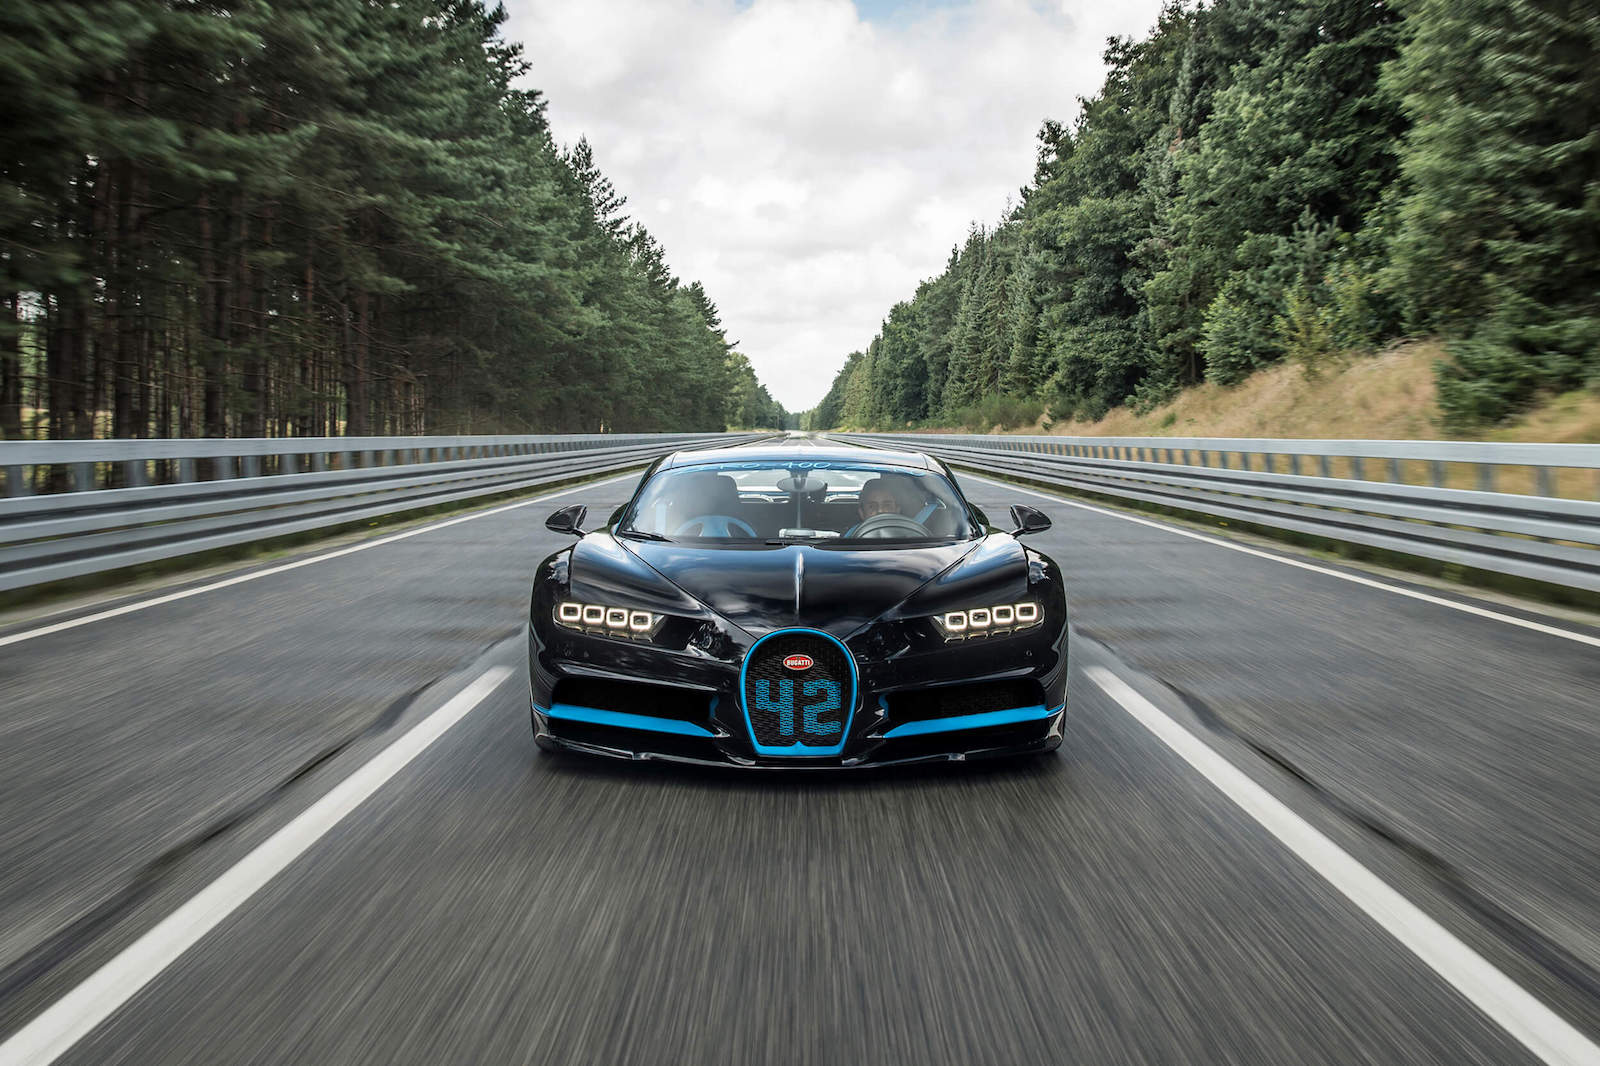 Bugatti Chiron: 0-400-0 km/h in 42 seconds!